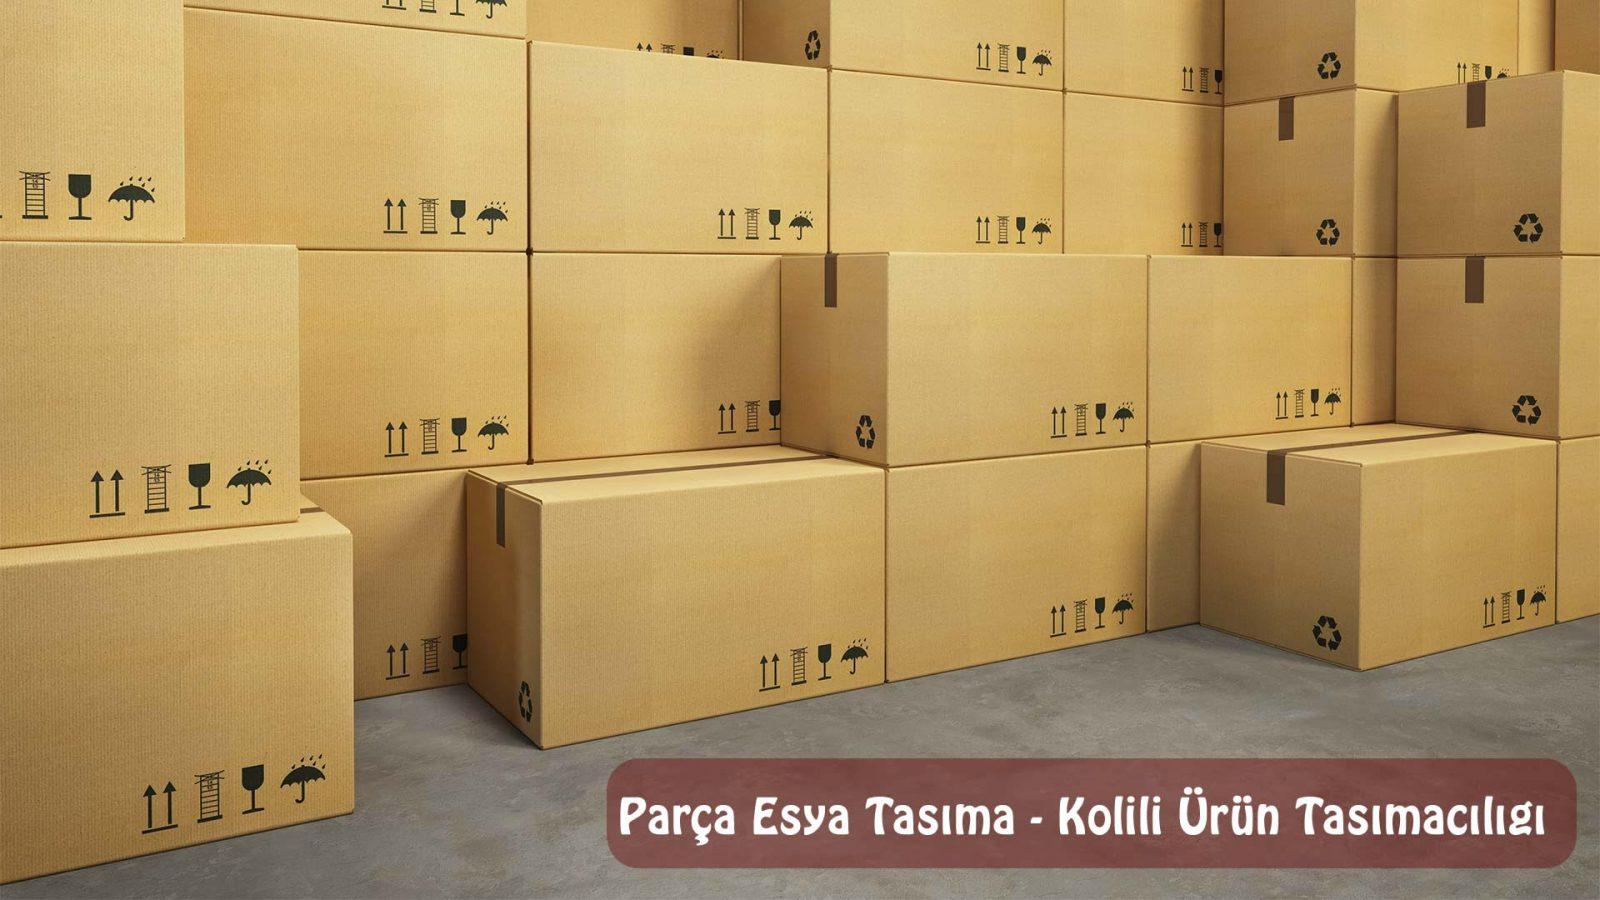 İstanbul Bursa parça eşya taşıma firmamız, Bursa'ya gidecek olan kolilenmiş ürünlerinizi Tır, kamyon, kamyonet veya panelvan araçları ile sevkini gerçekleştirmektedir.